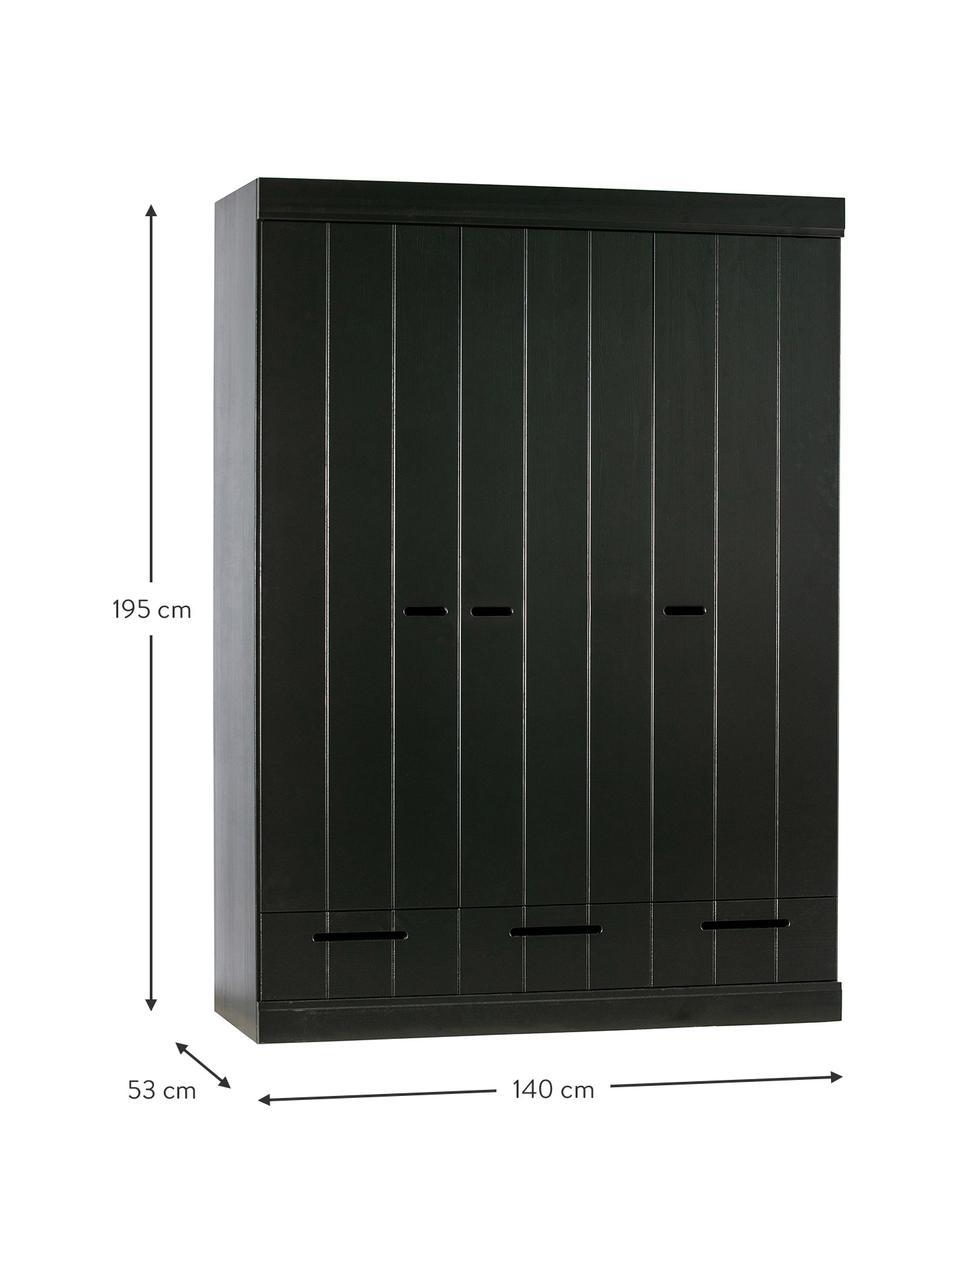 Kleiderschrank Connect mit 3 Türen in Schwarz, Korpus: Kiefernholz, massiv, lack, Einlegeböden: Melamin, Schwarz, 140 x 195 cm